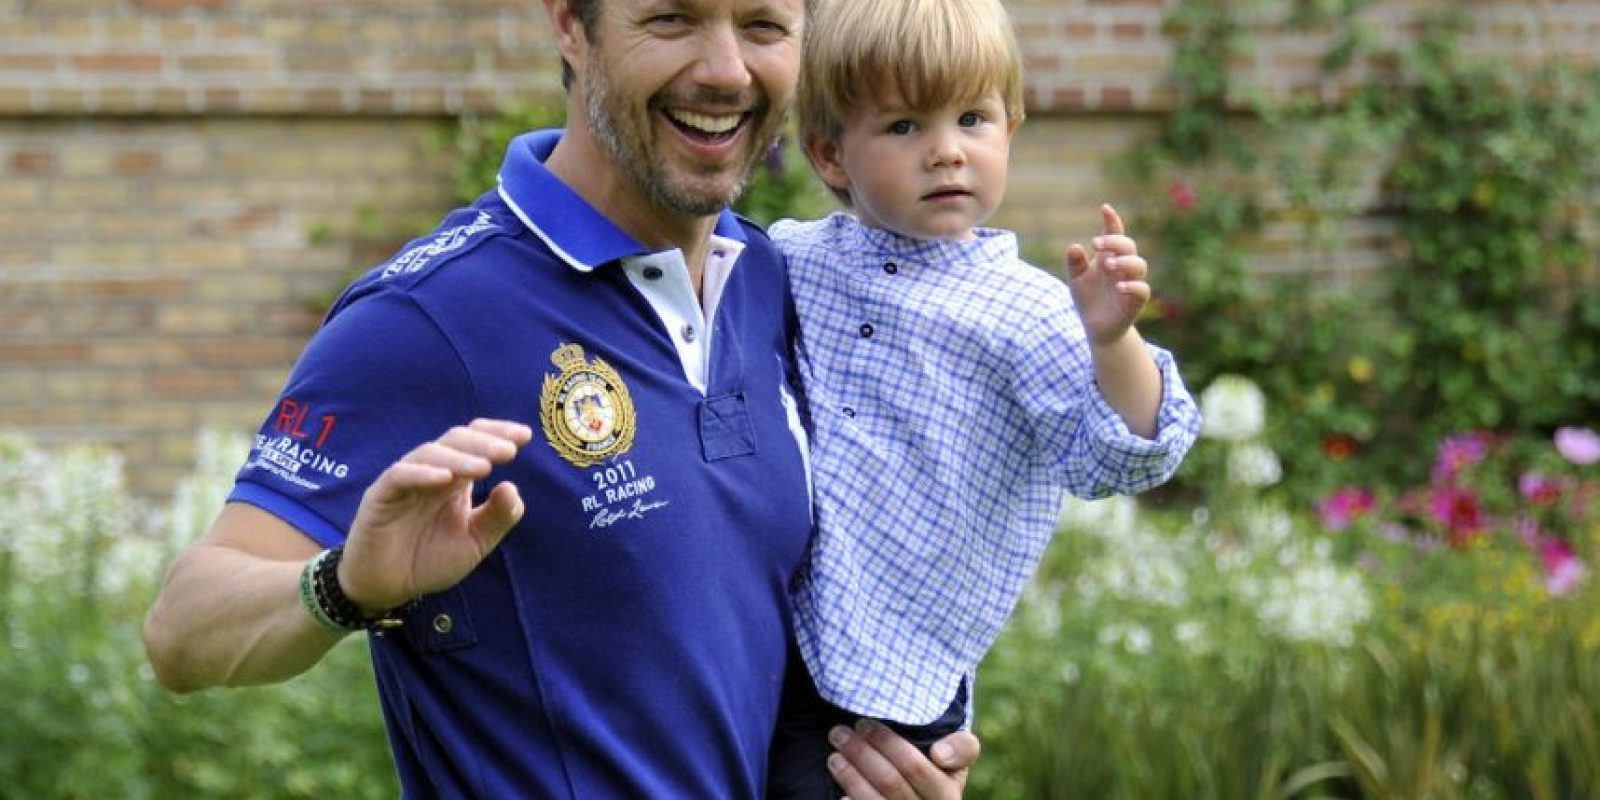 6. Príncipe Vincent y princesa Josephine (Dinamarca)- Los gemelos son hijos del príncipe Frederick y la princesa Mary Donaldson. Los gemelos tienen cuatro años. Foto:Getty Images